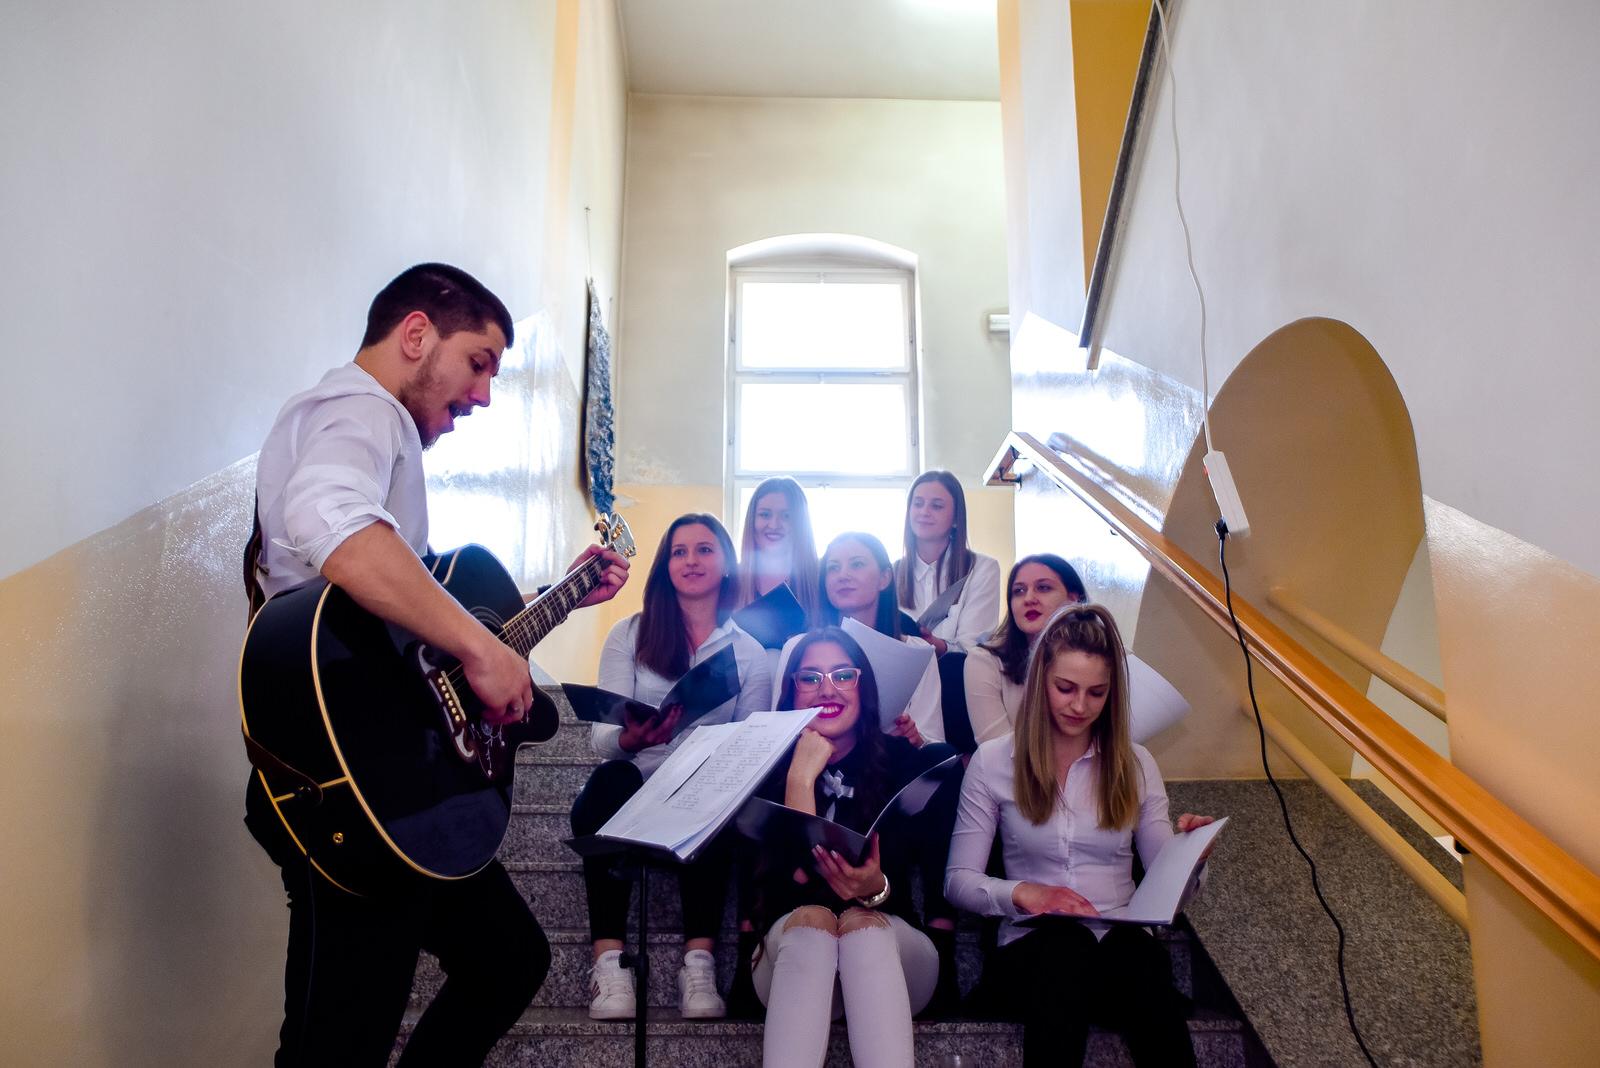 likaclub_gospić_100-godina-obrazovanja-učitelja-u-gospiću_2019-1